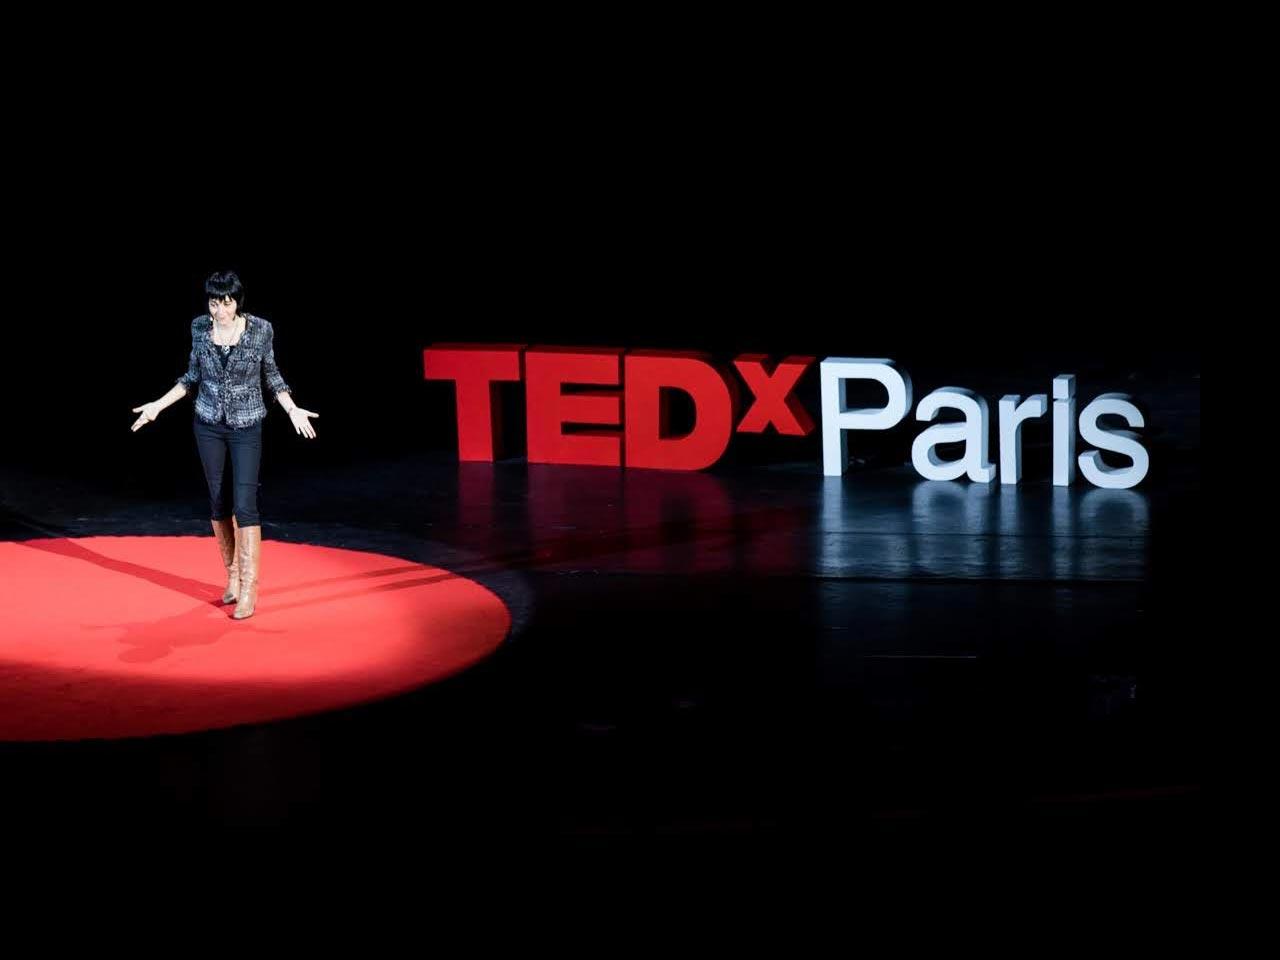 Seul en scène, en moins de 18 minutes - Michel Levy Provençal, le fondateur et curateur de TEDxParis, nous raconte son expérience à l'occasion de la 10ème édition.